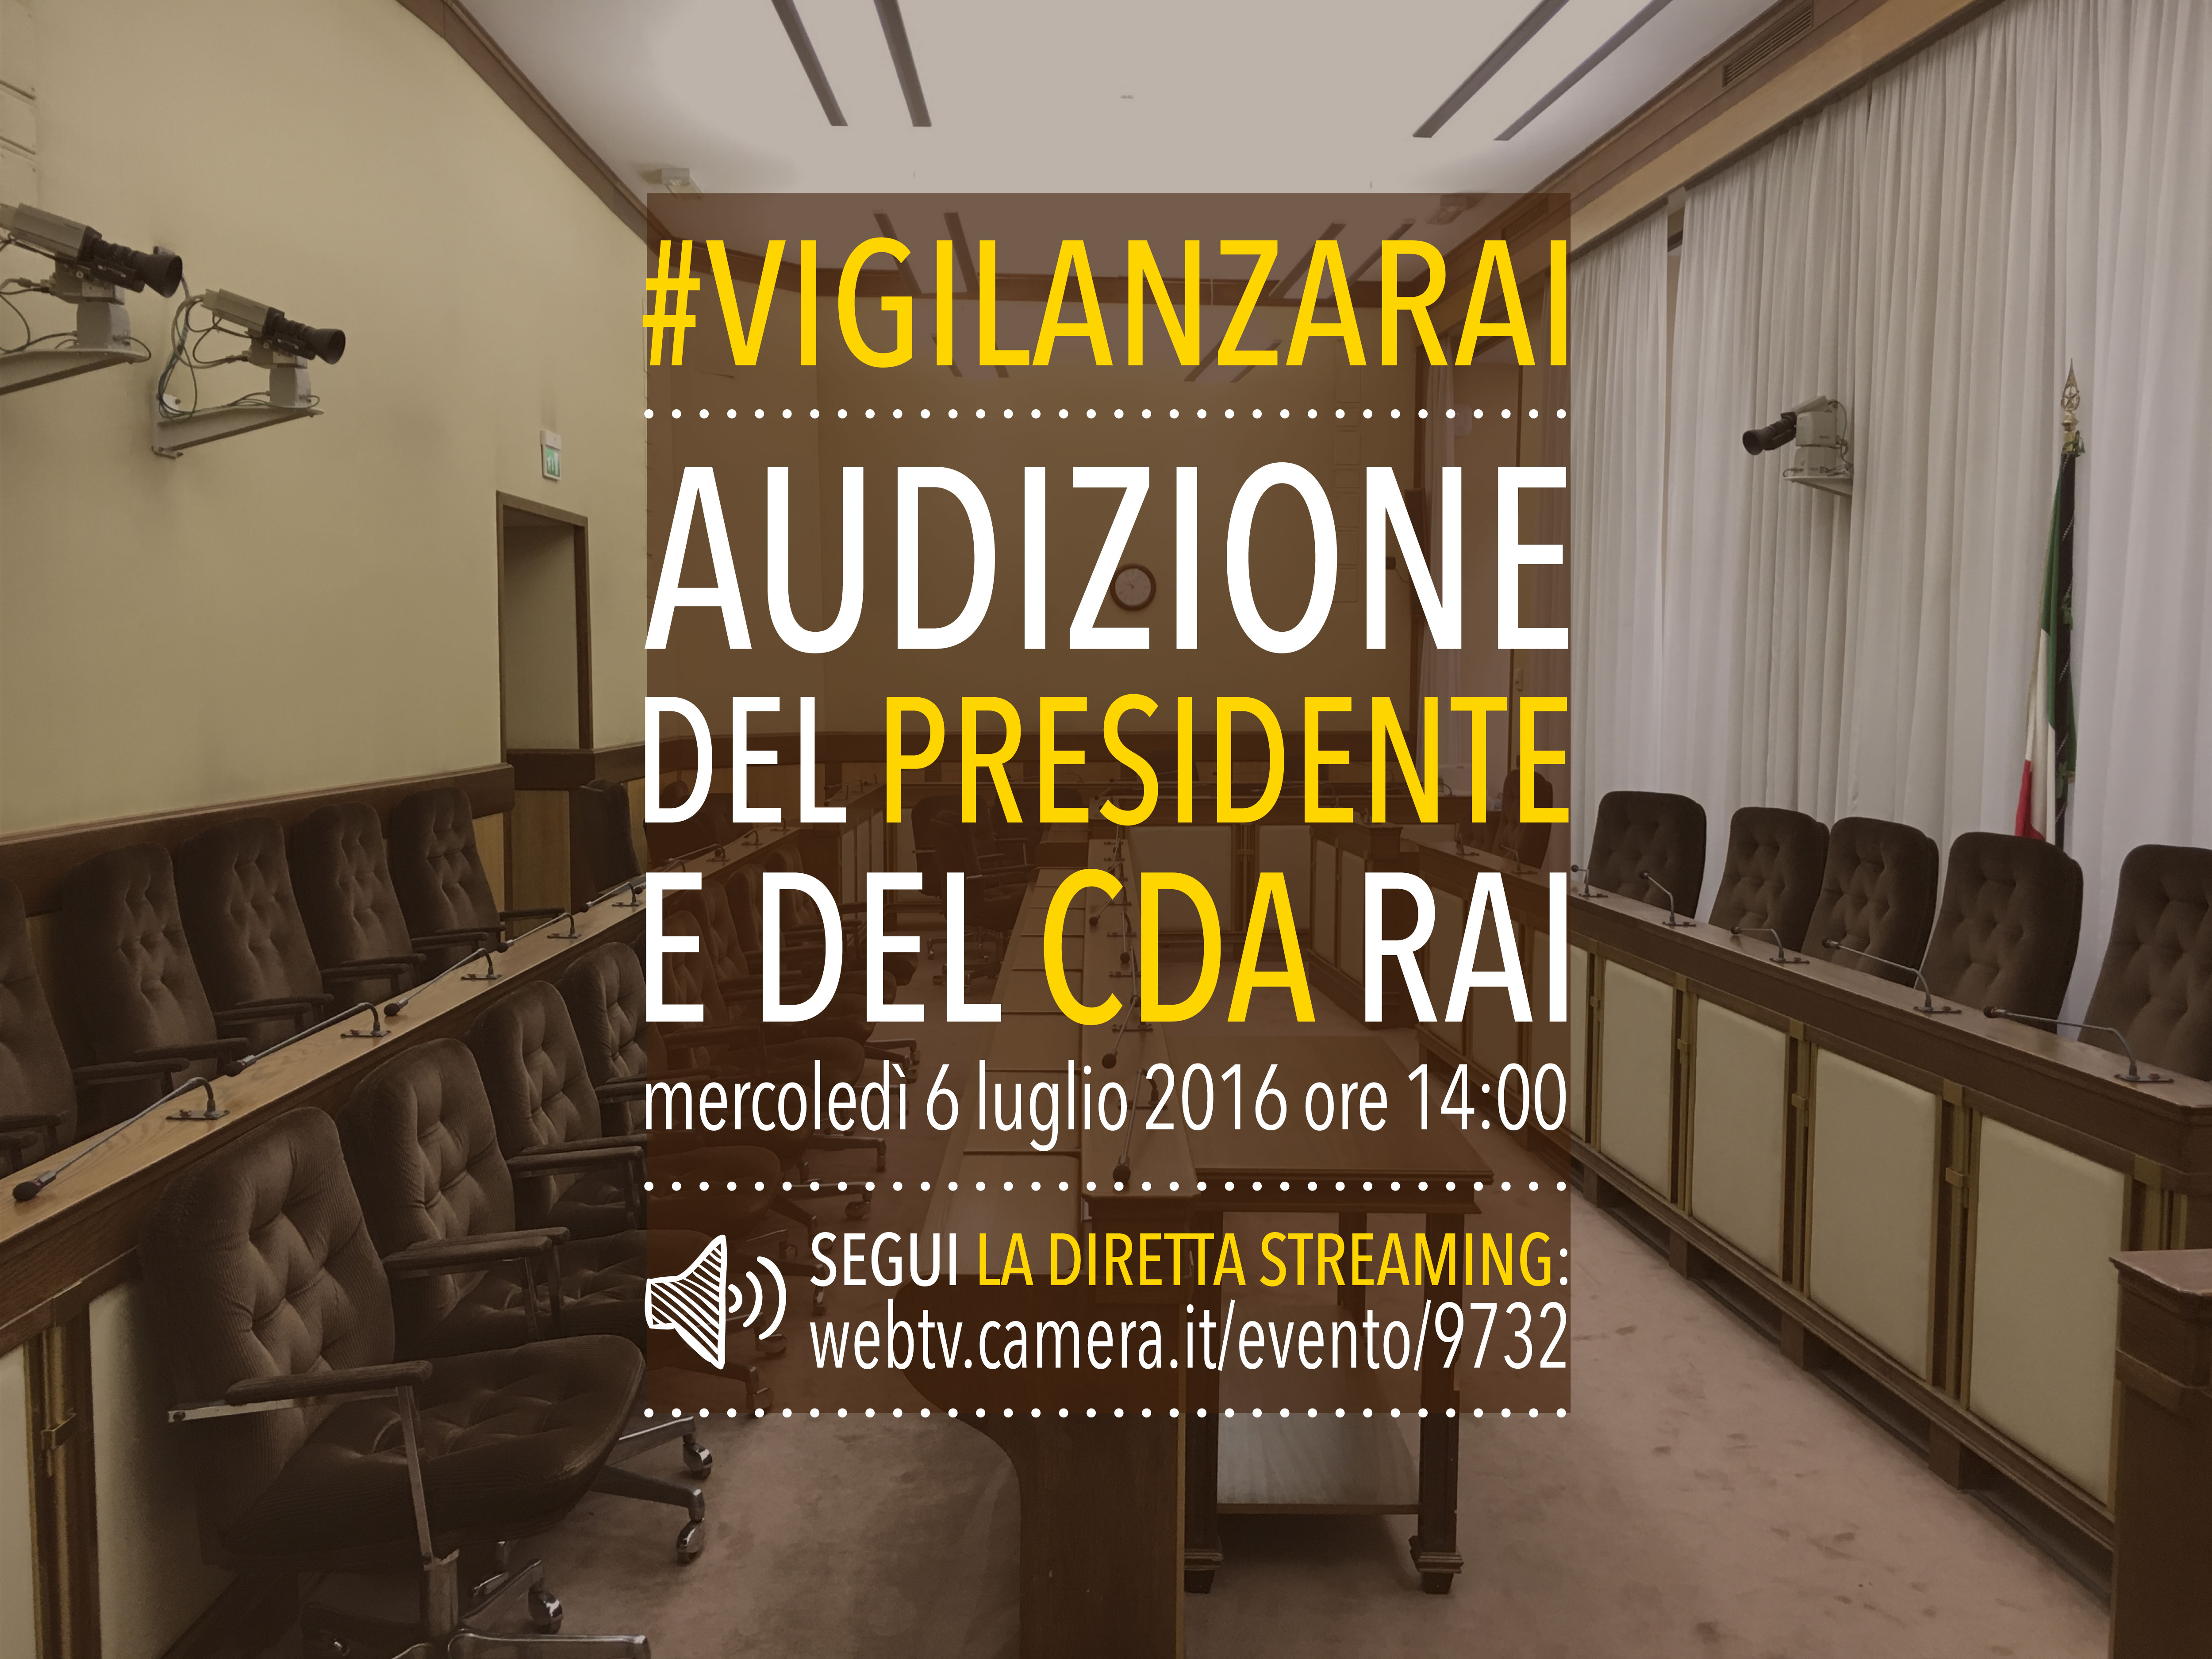 Vigilanza rai audizione del presidente e del cda rai for Diretta tv camera deputati